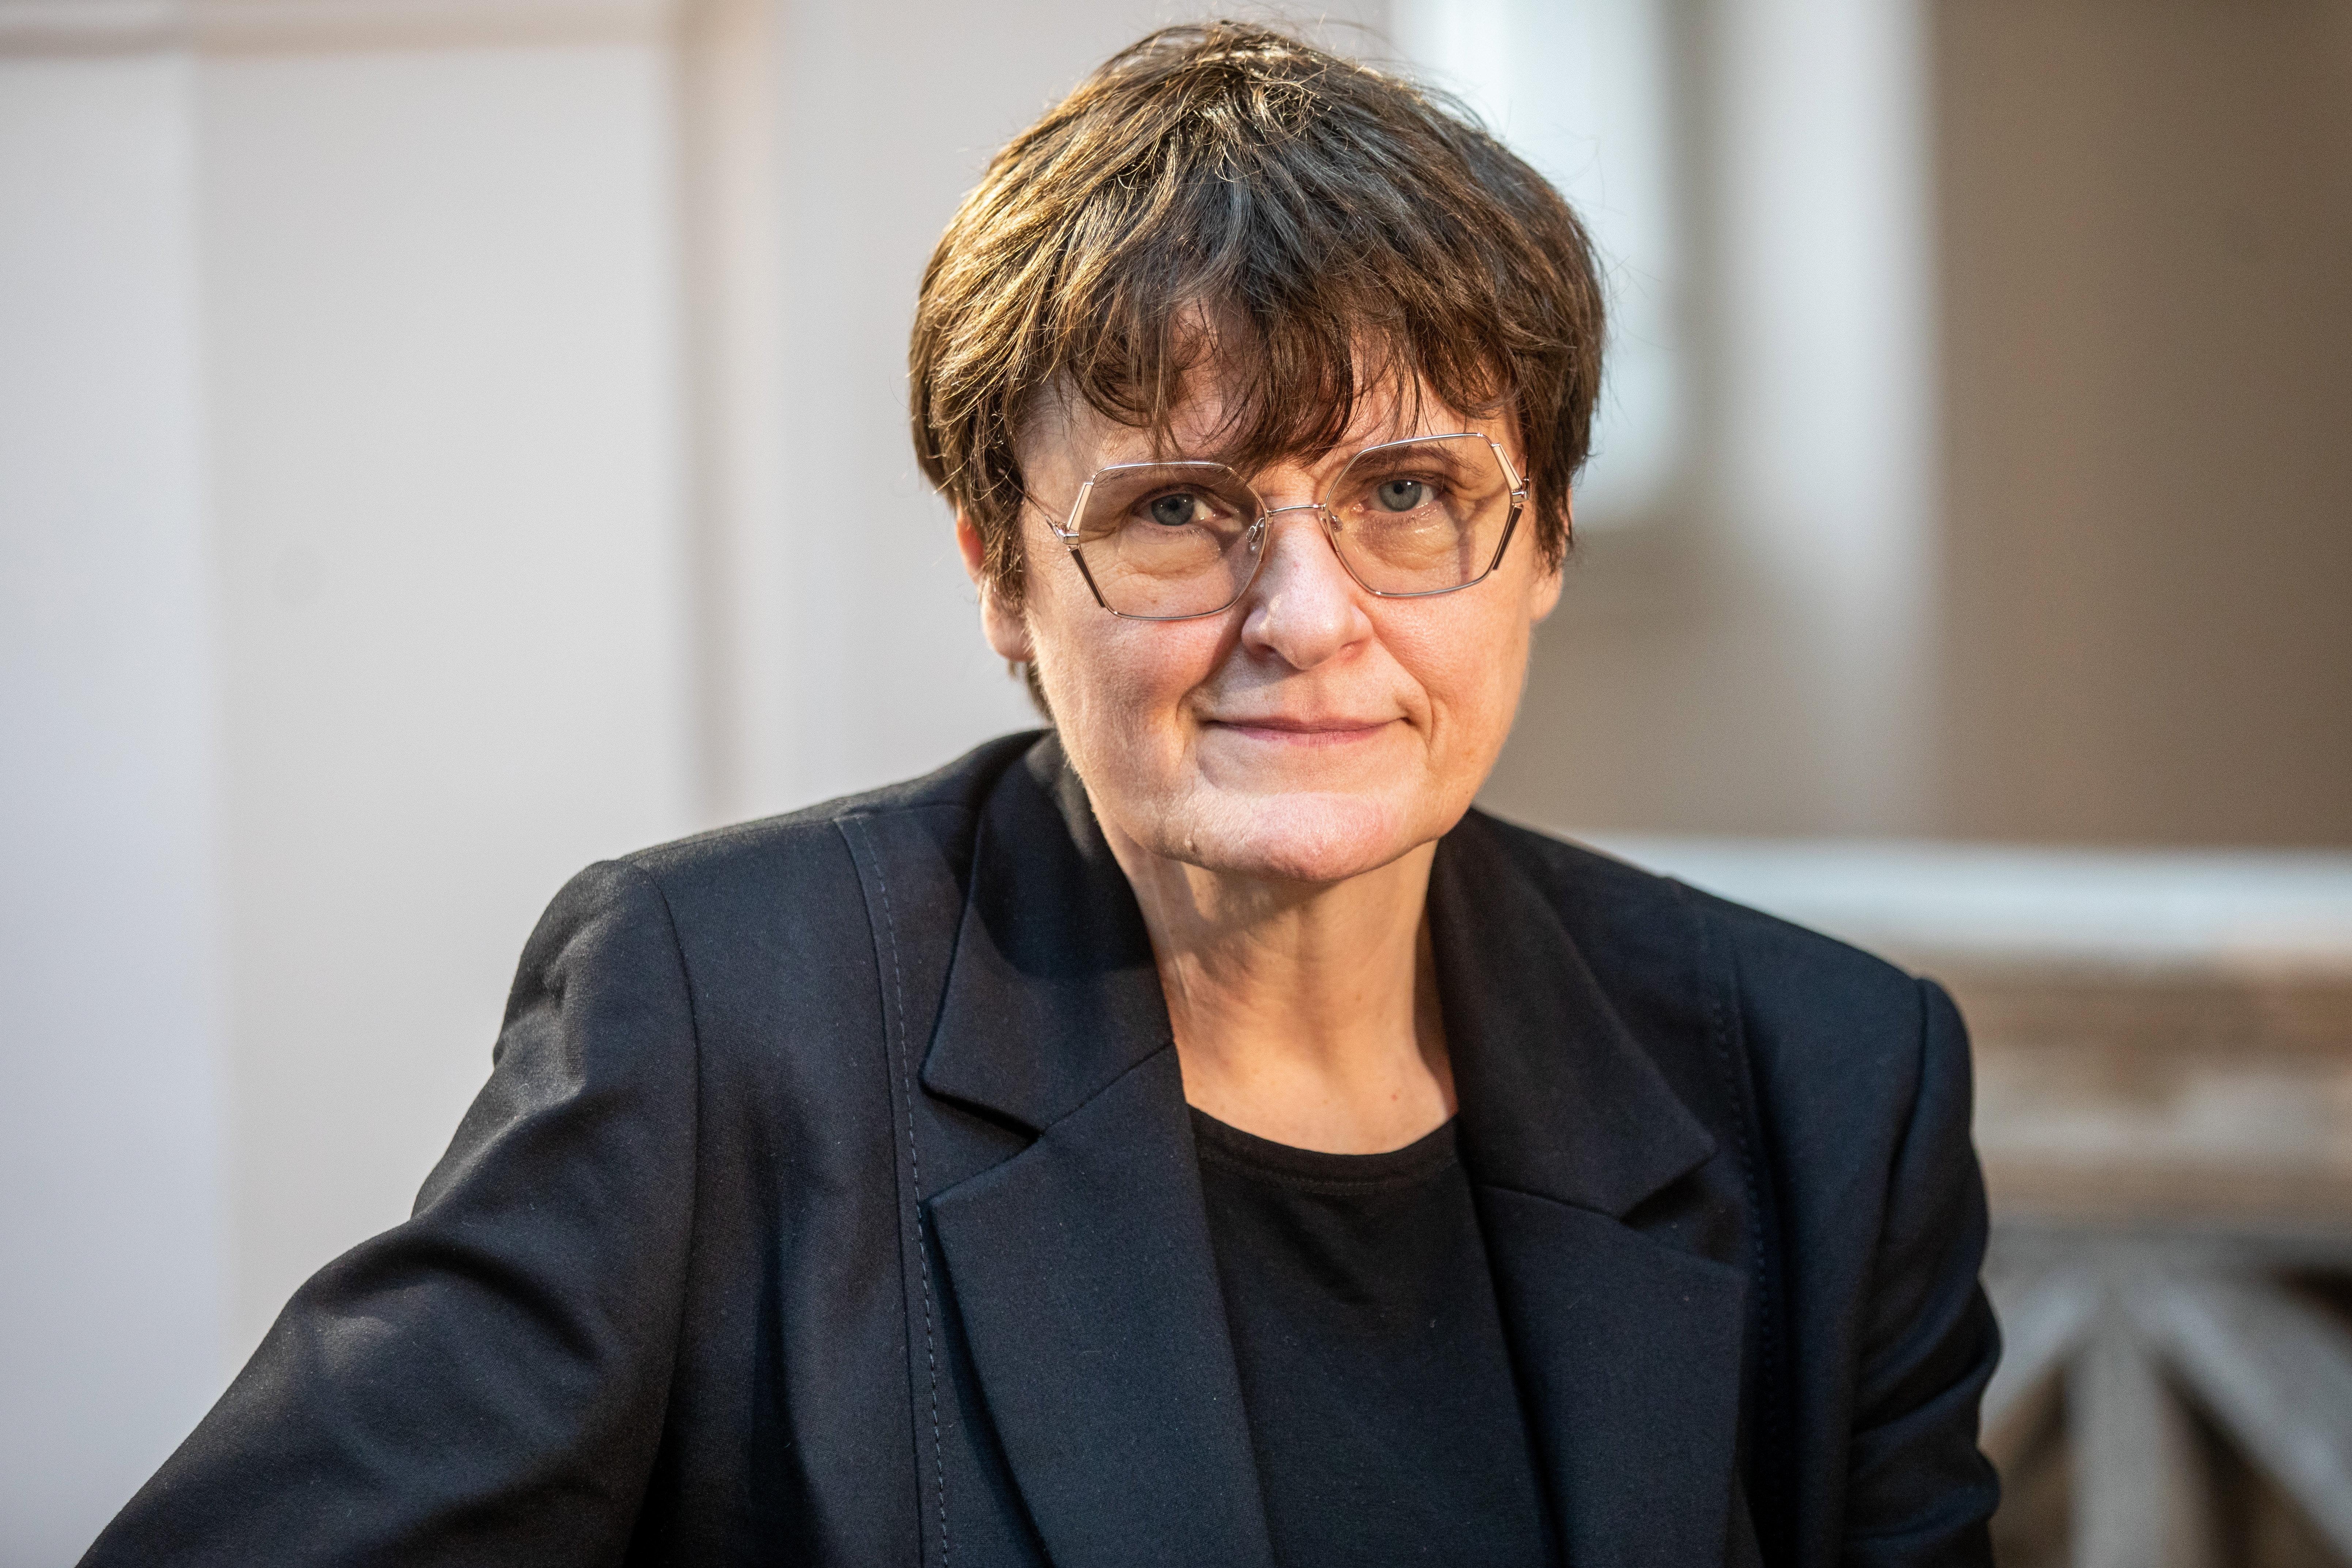 Karikó Katalin, Özlem Türeci és Uğur Şahin kapták a legrangosabb német orvostudományi díjat